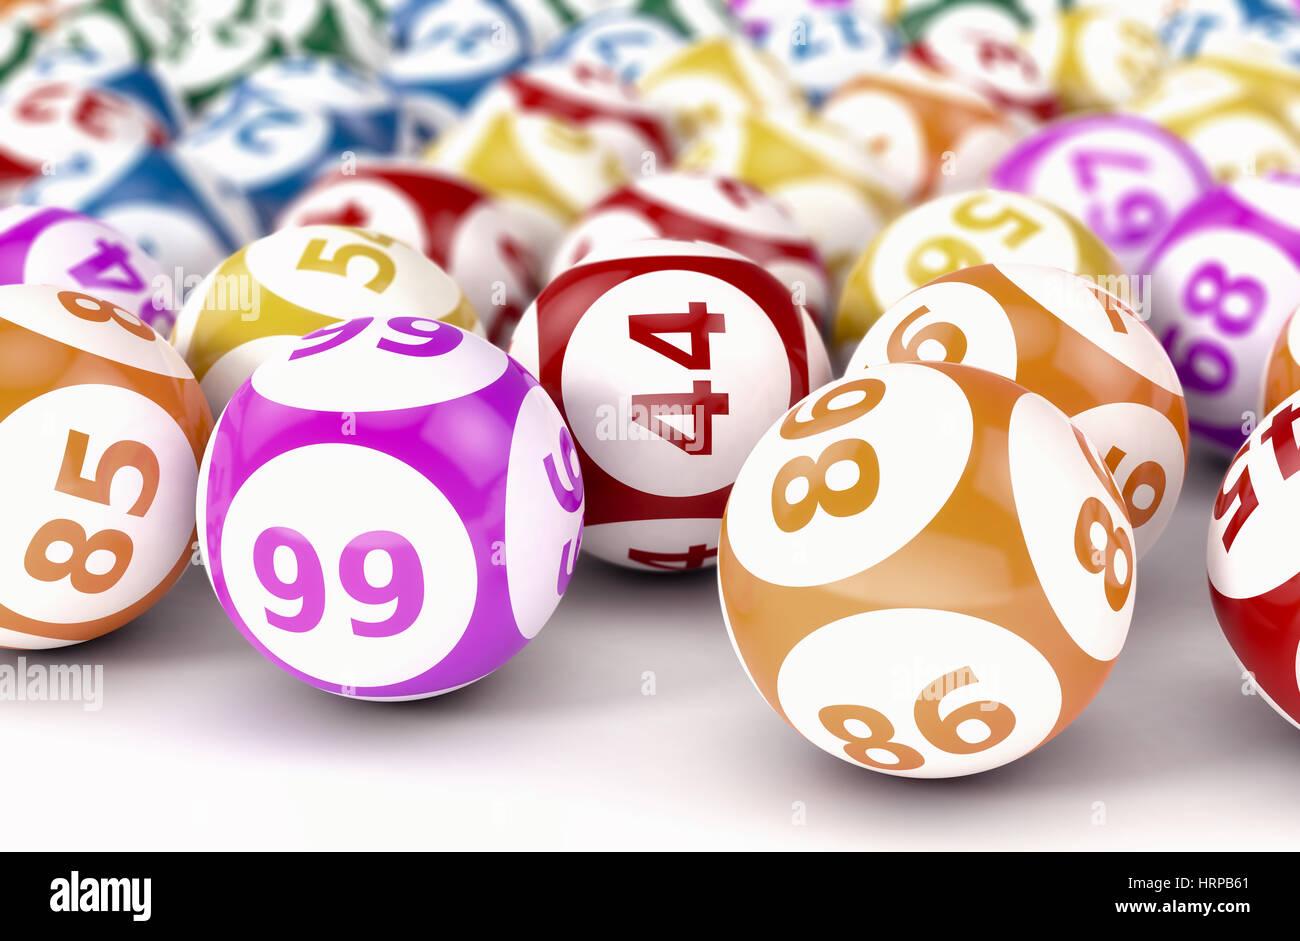 lottoergebnisse 2019